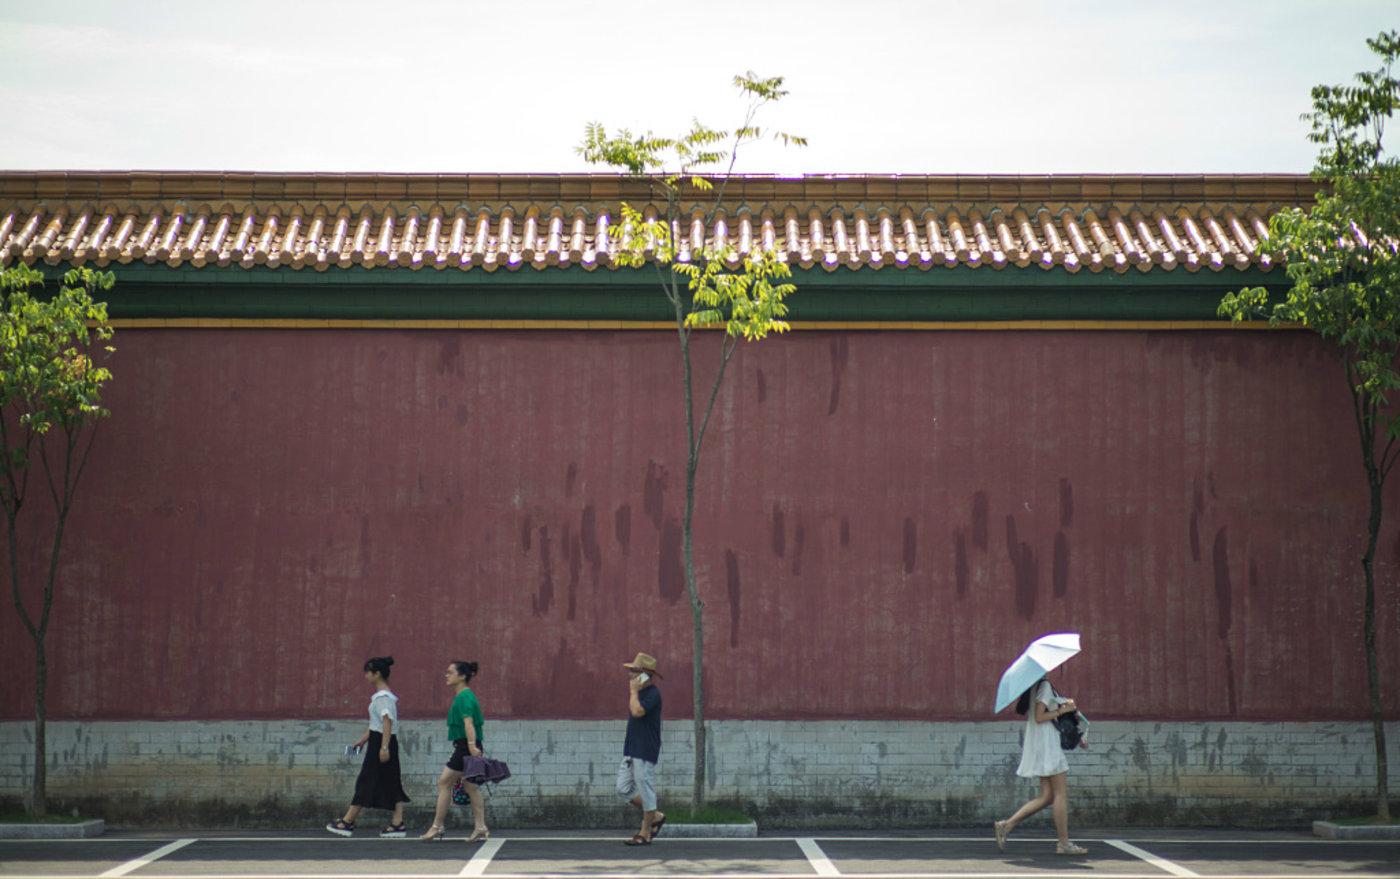 浙江省金华市,故宫内经典的红墙也依照原样进行了复制,图片来源于视觉中国